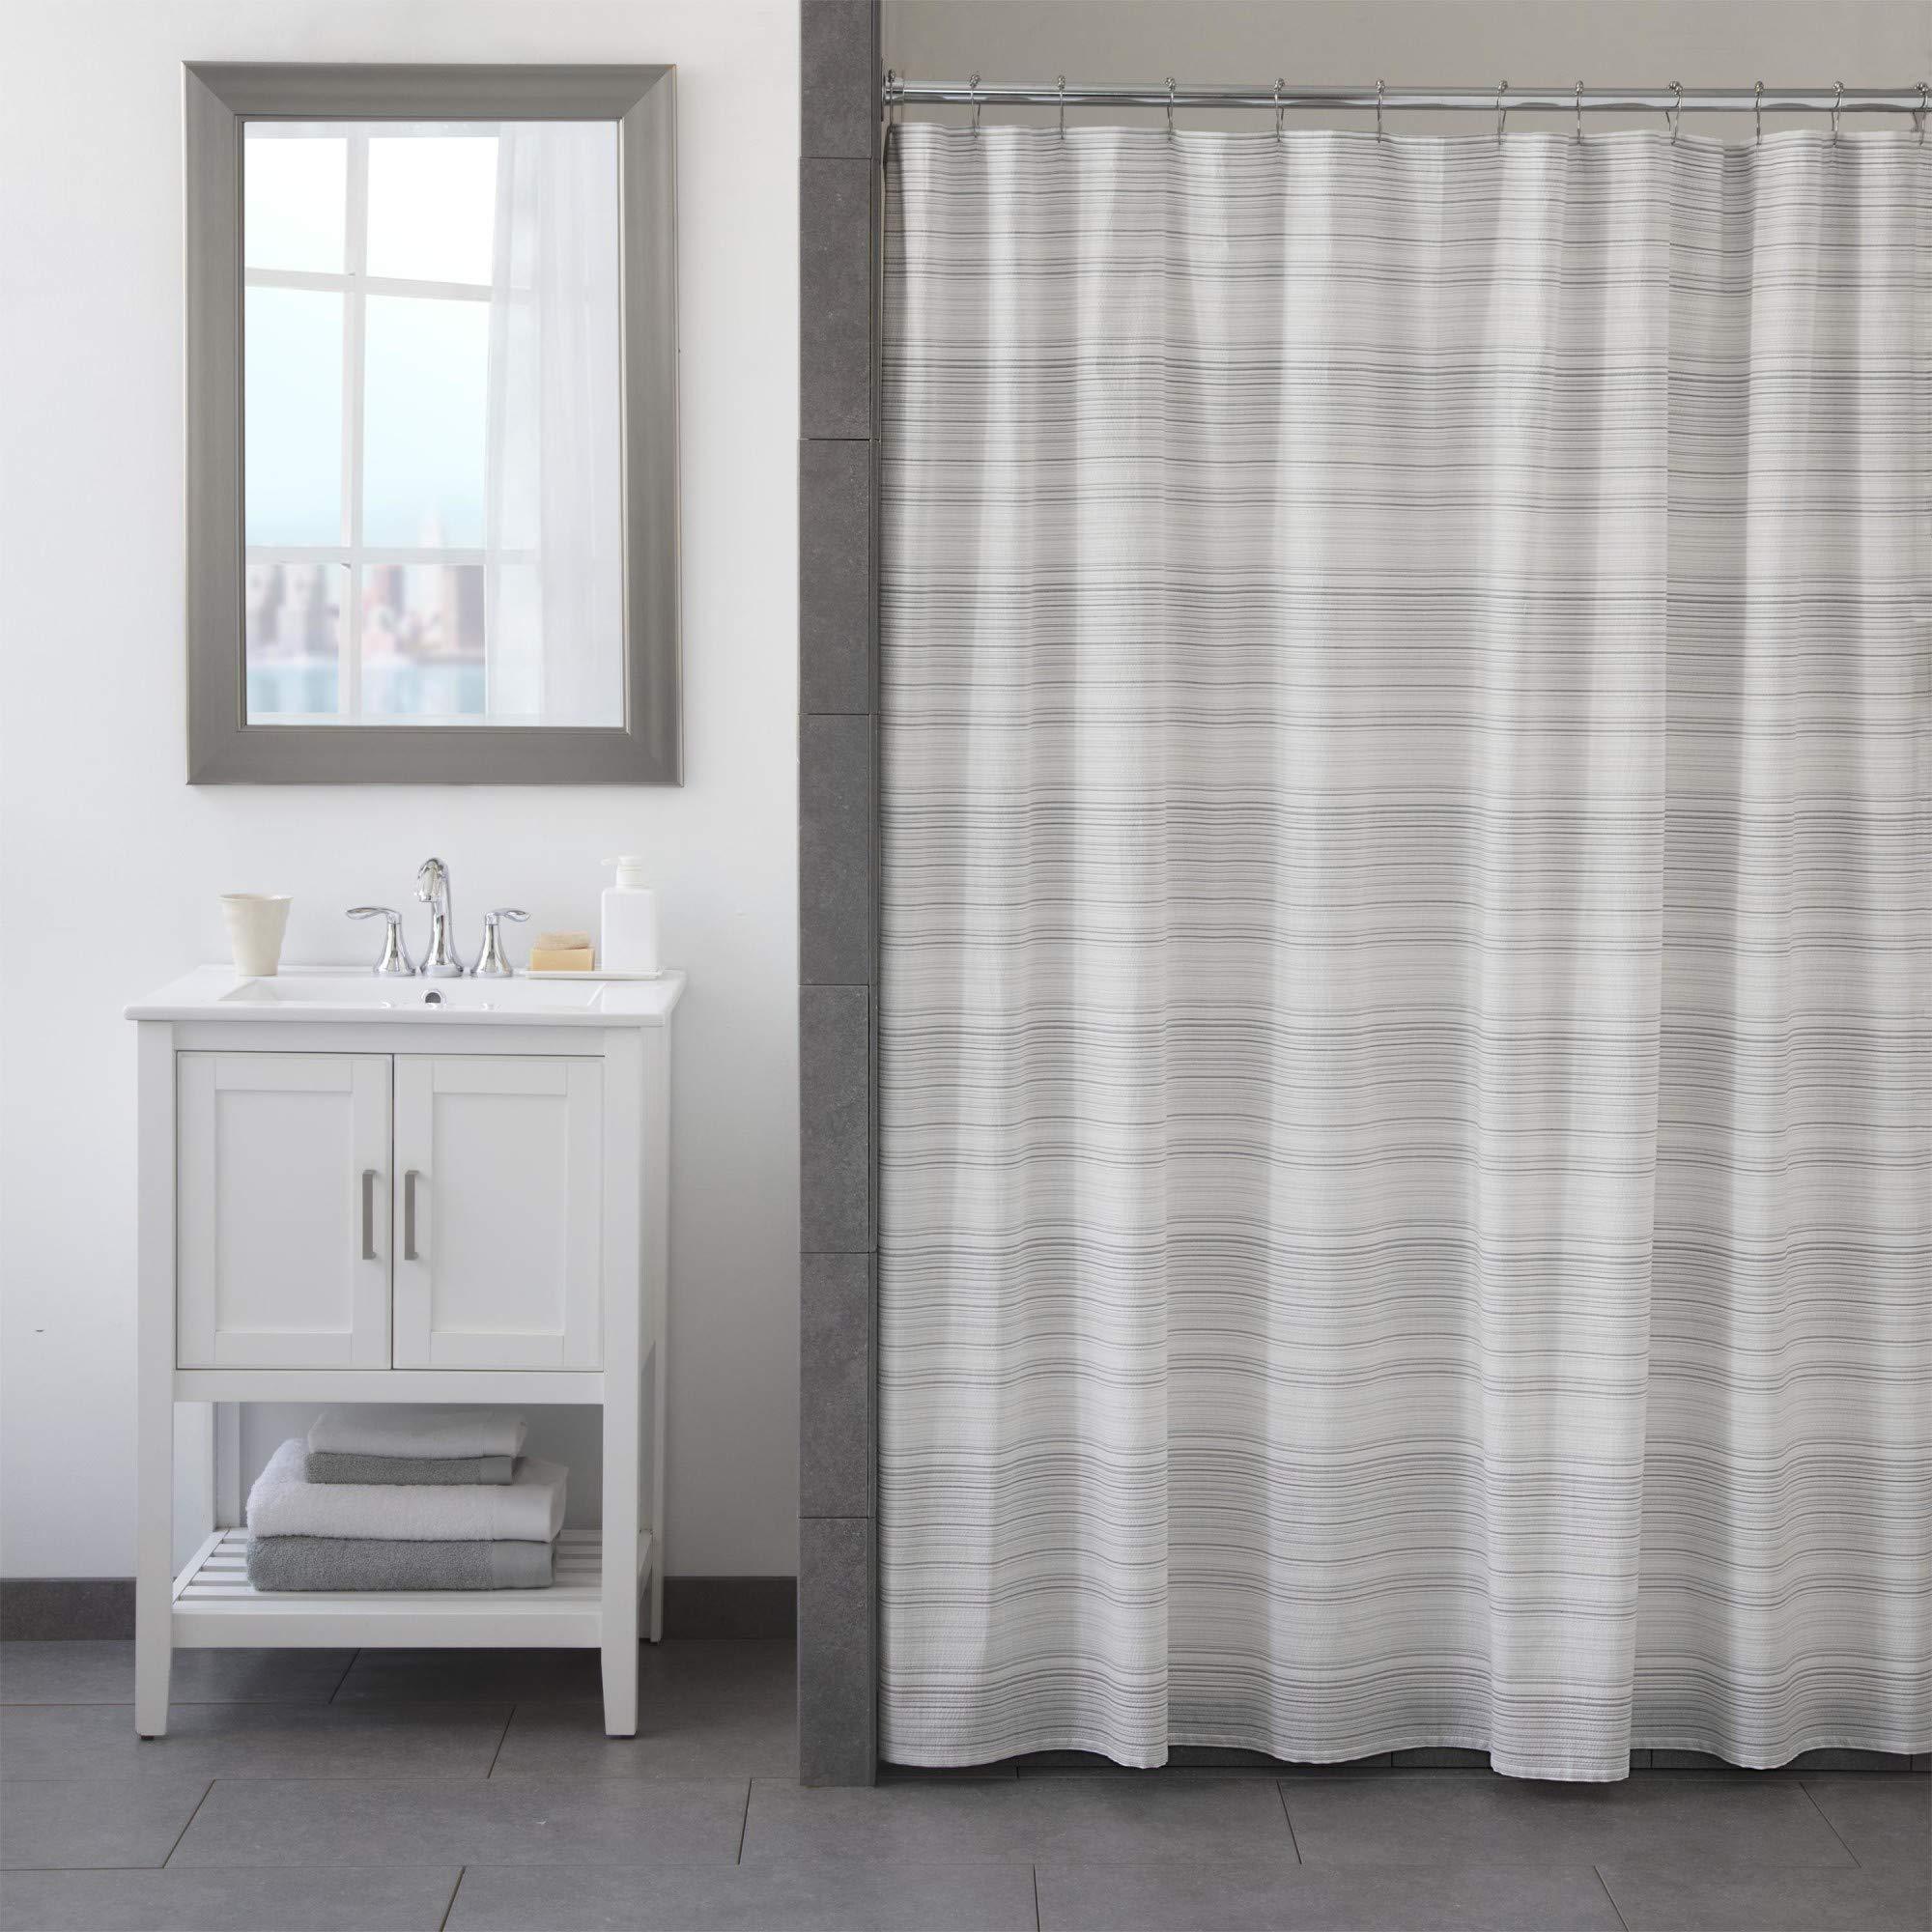 FlatIron Seersucker Shower Curtain, 72 x 72, White/Taupe/Grey